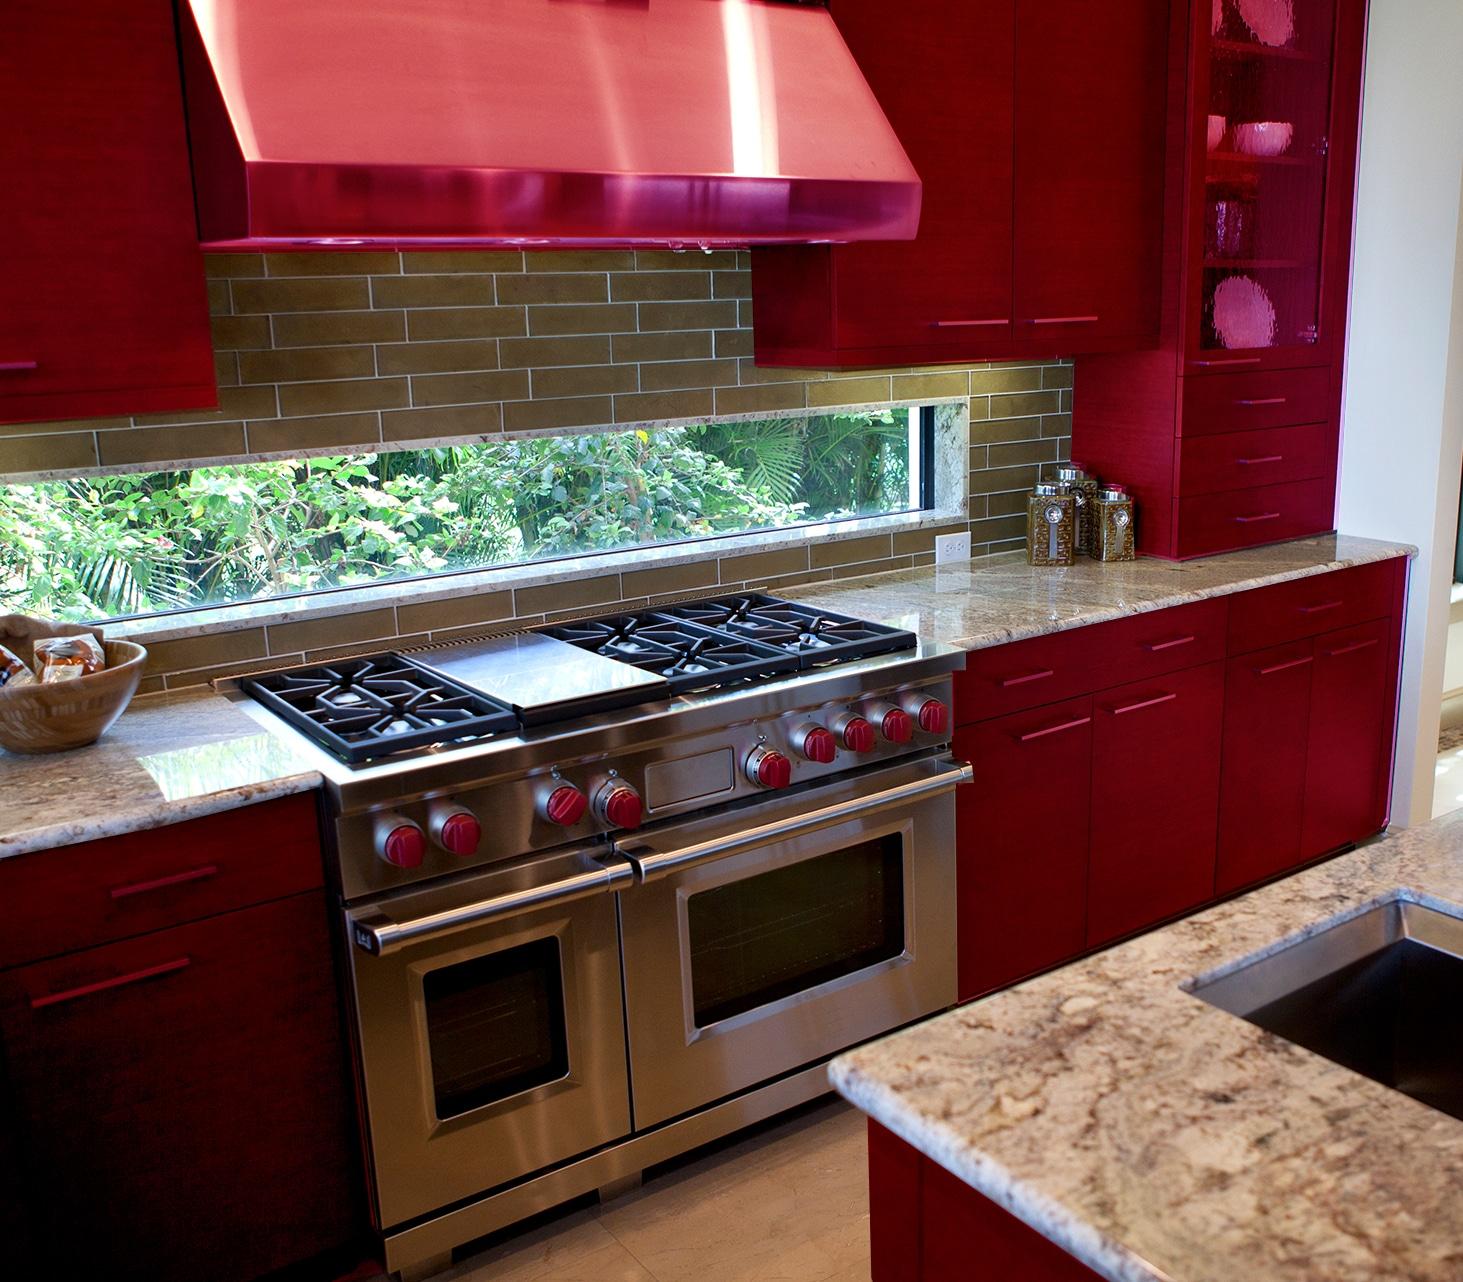 עיצוב מטבחים בהתאמהספקי ציוד מגוון למטבחים בעלי הבחנה מקצועית עם הרבה וותק שיודעים להתאים לכל לקוח מטבחים מתאימים תוך כדי התקנת חיבור גז תיקני במטבח